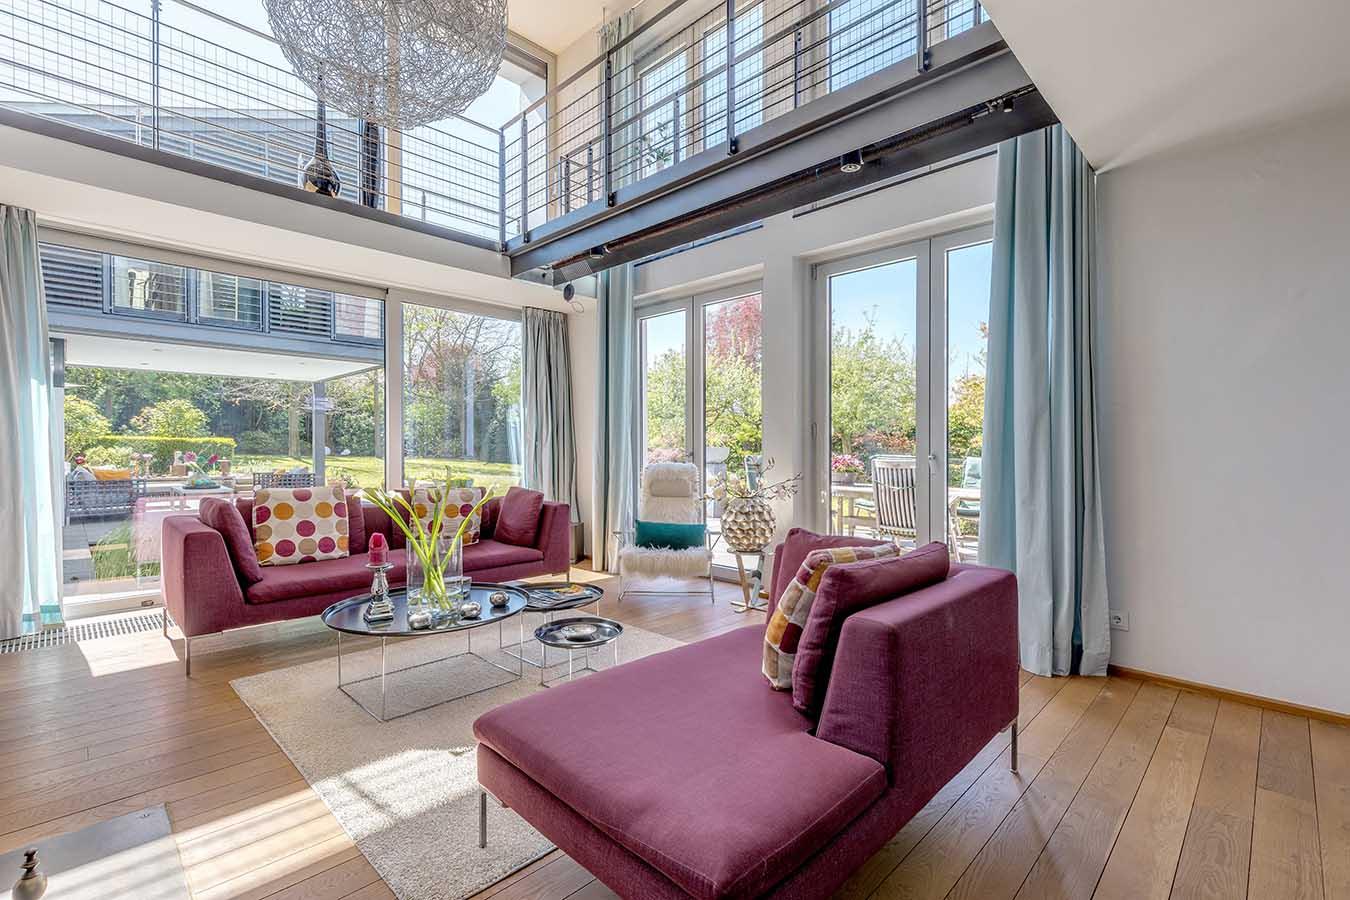 grote woonkamer met hoog plafond en vide